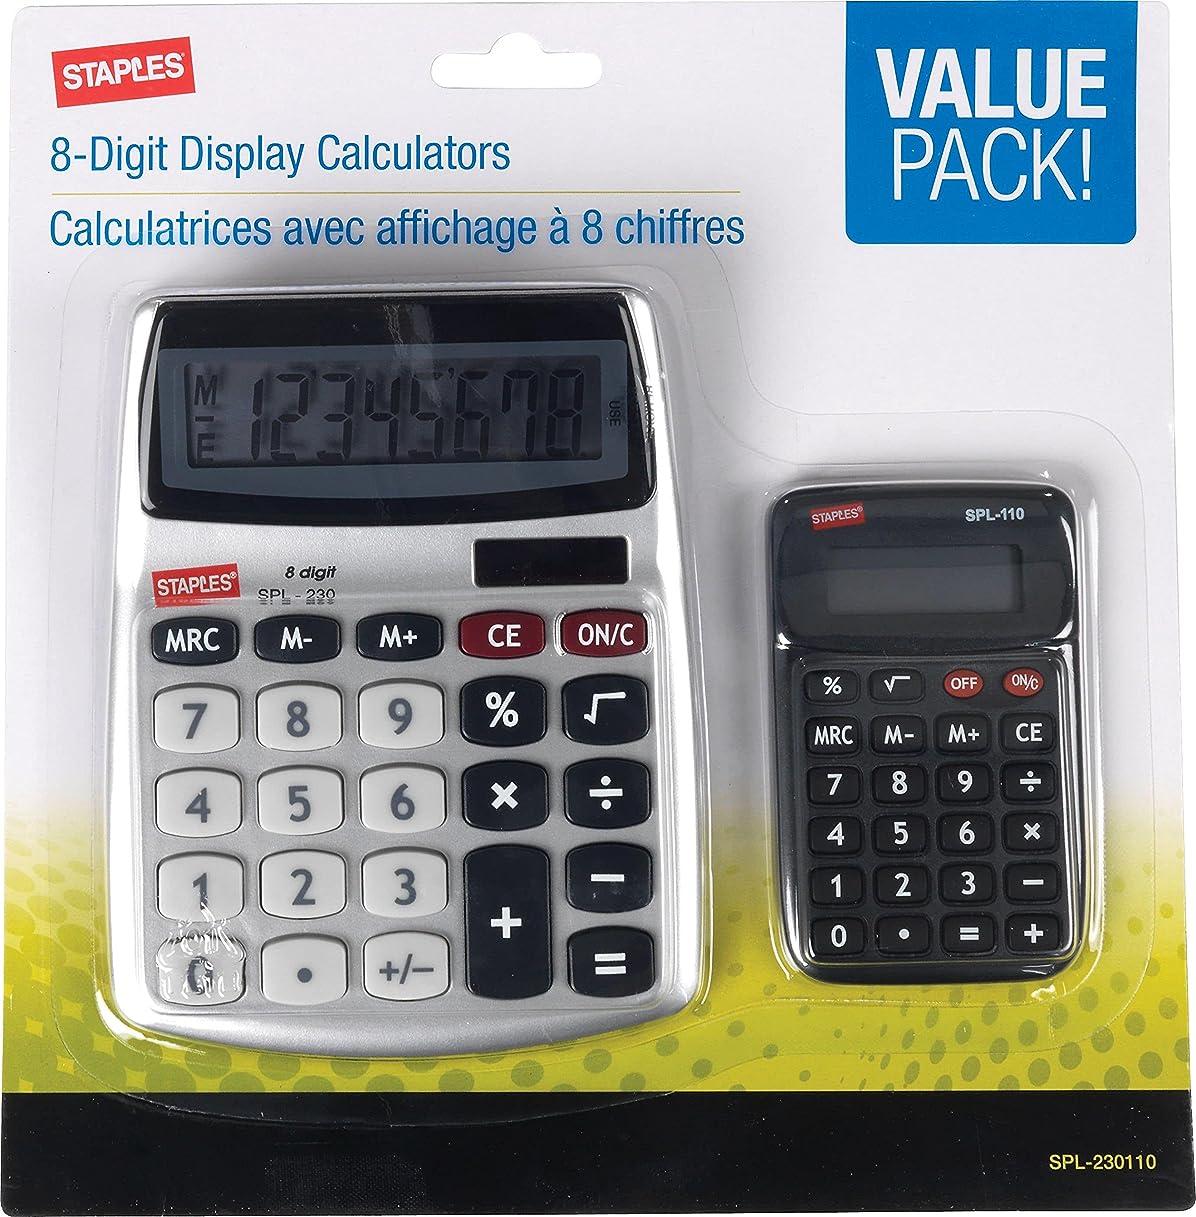 プール磁気スティックStaples 8桁表示電卓、値パック